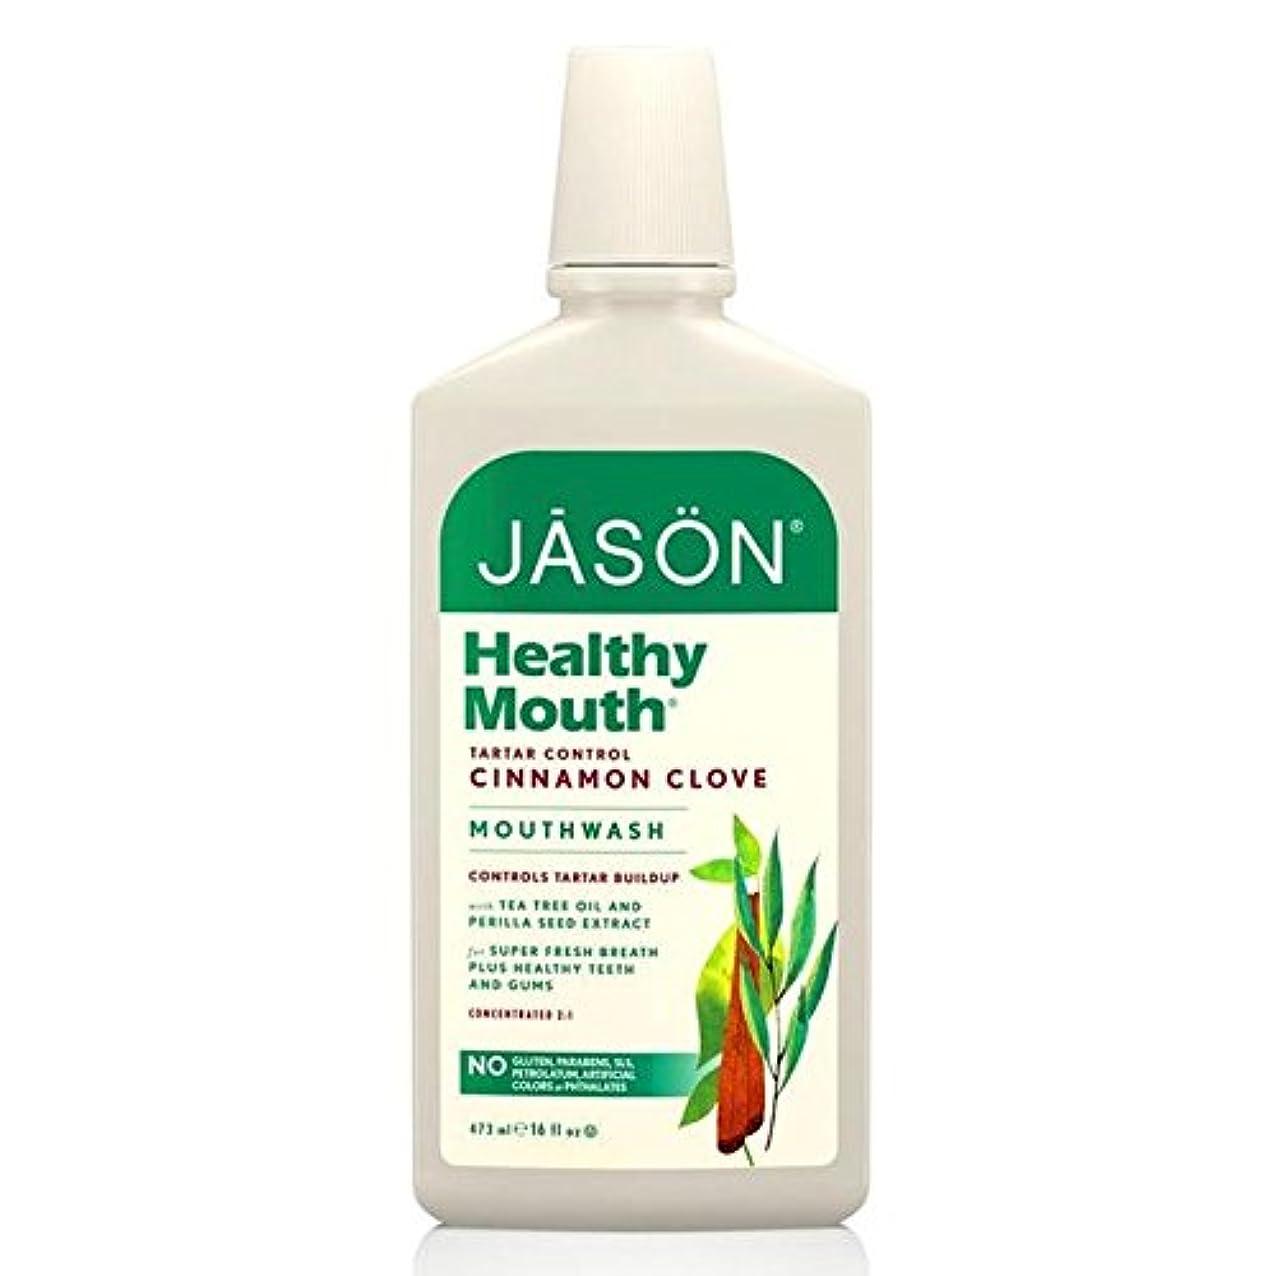 増幅ドール豚肉Jason Healthy Mouthwash 480ml (Pack of 6) - ジェイソン?健康マウスウォッシュ480ミリリットル x6 [並行輸入品]